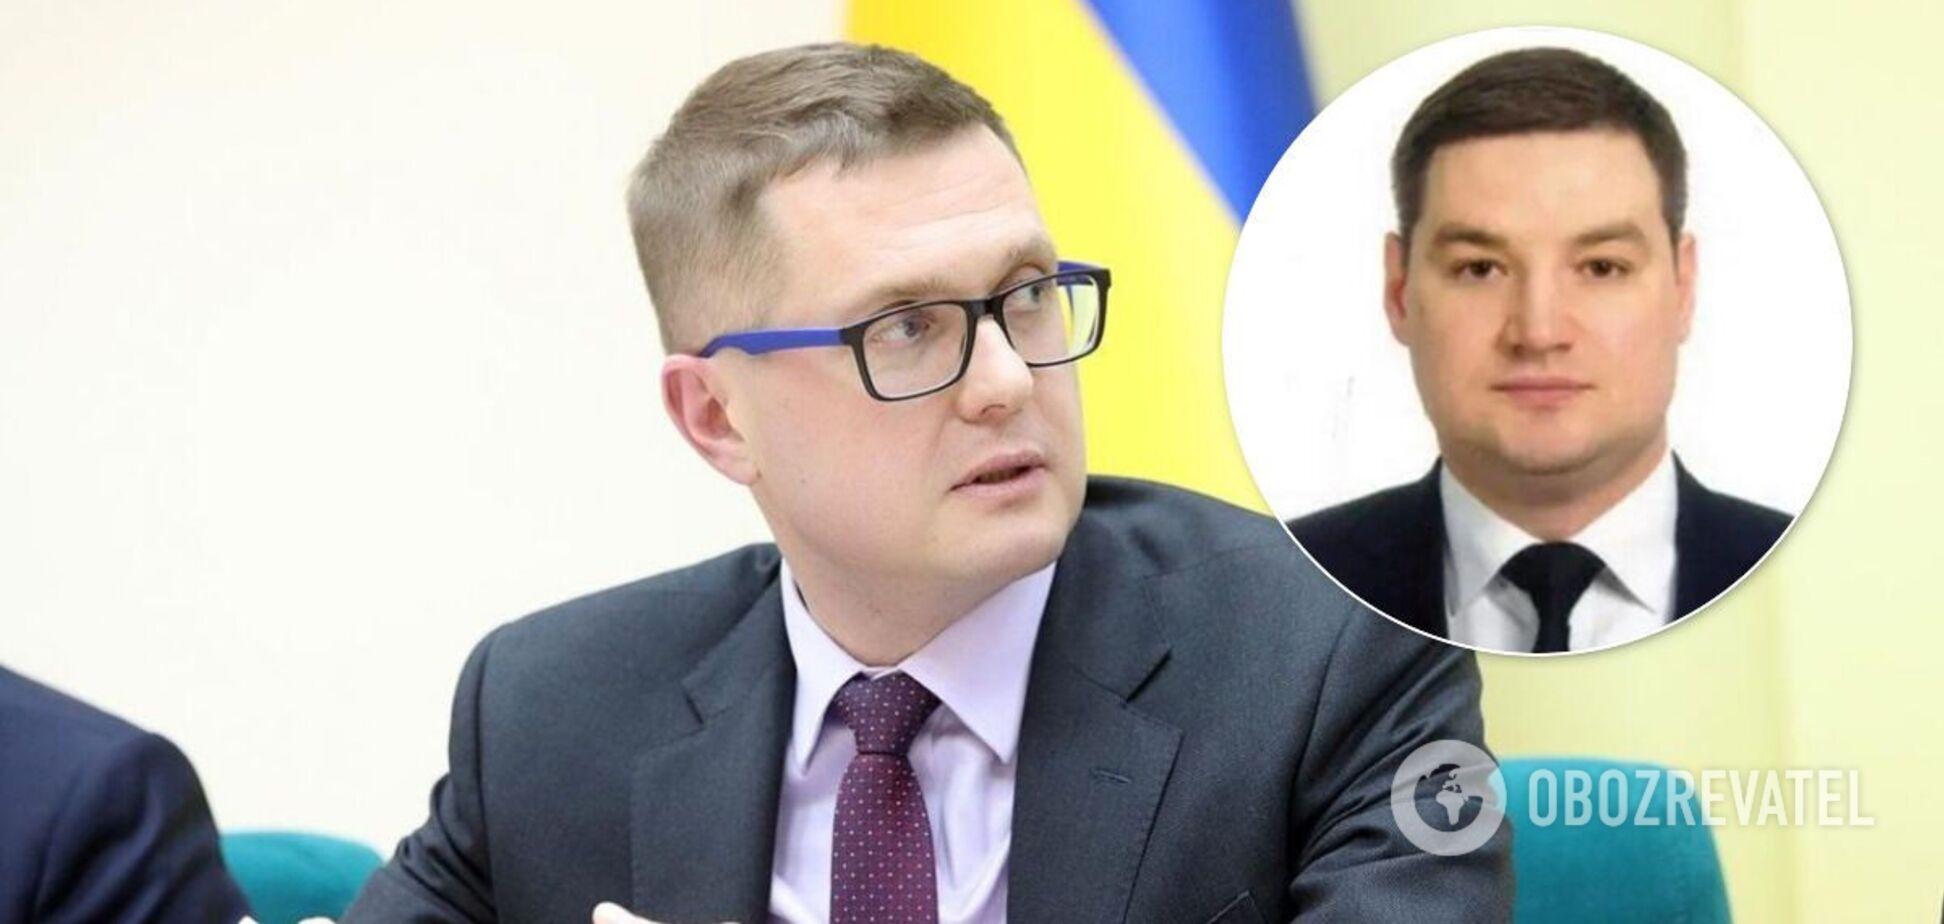 Іван Баканов і Дмитро Нескоромний